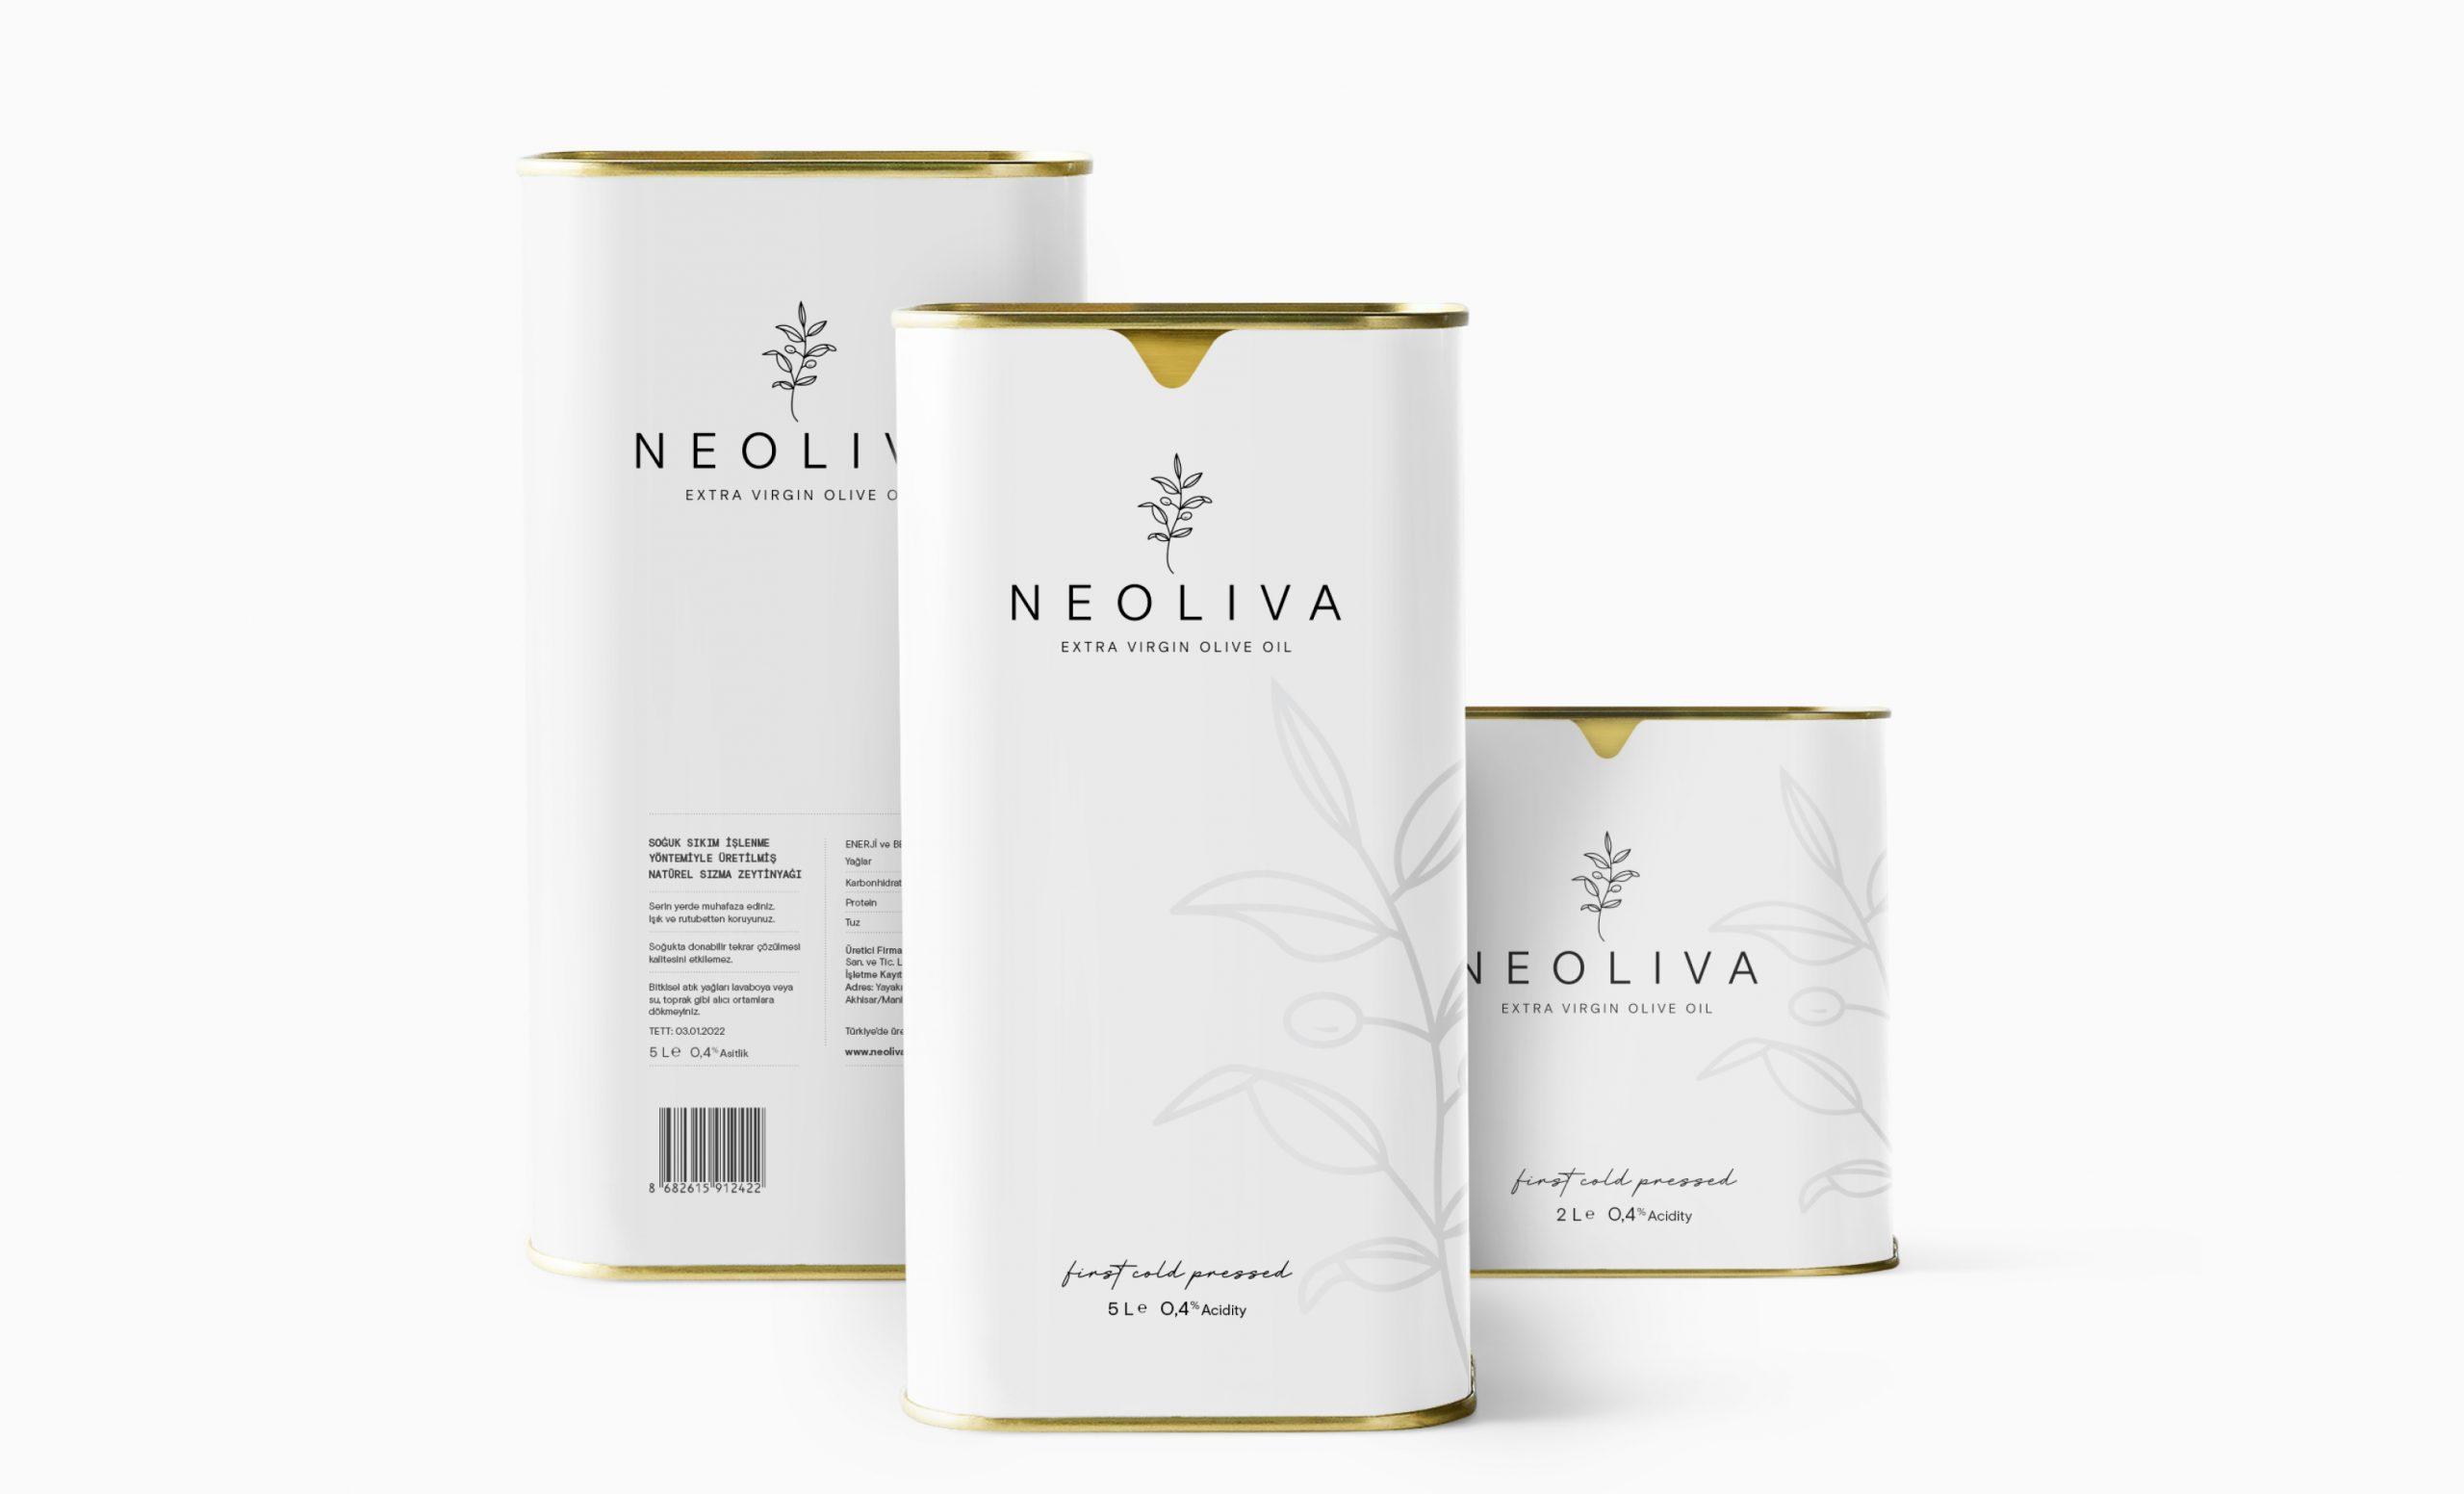 Neoliva-Gokten-Tut-11